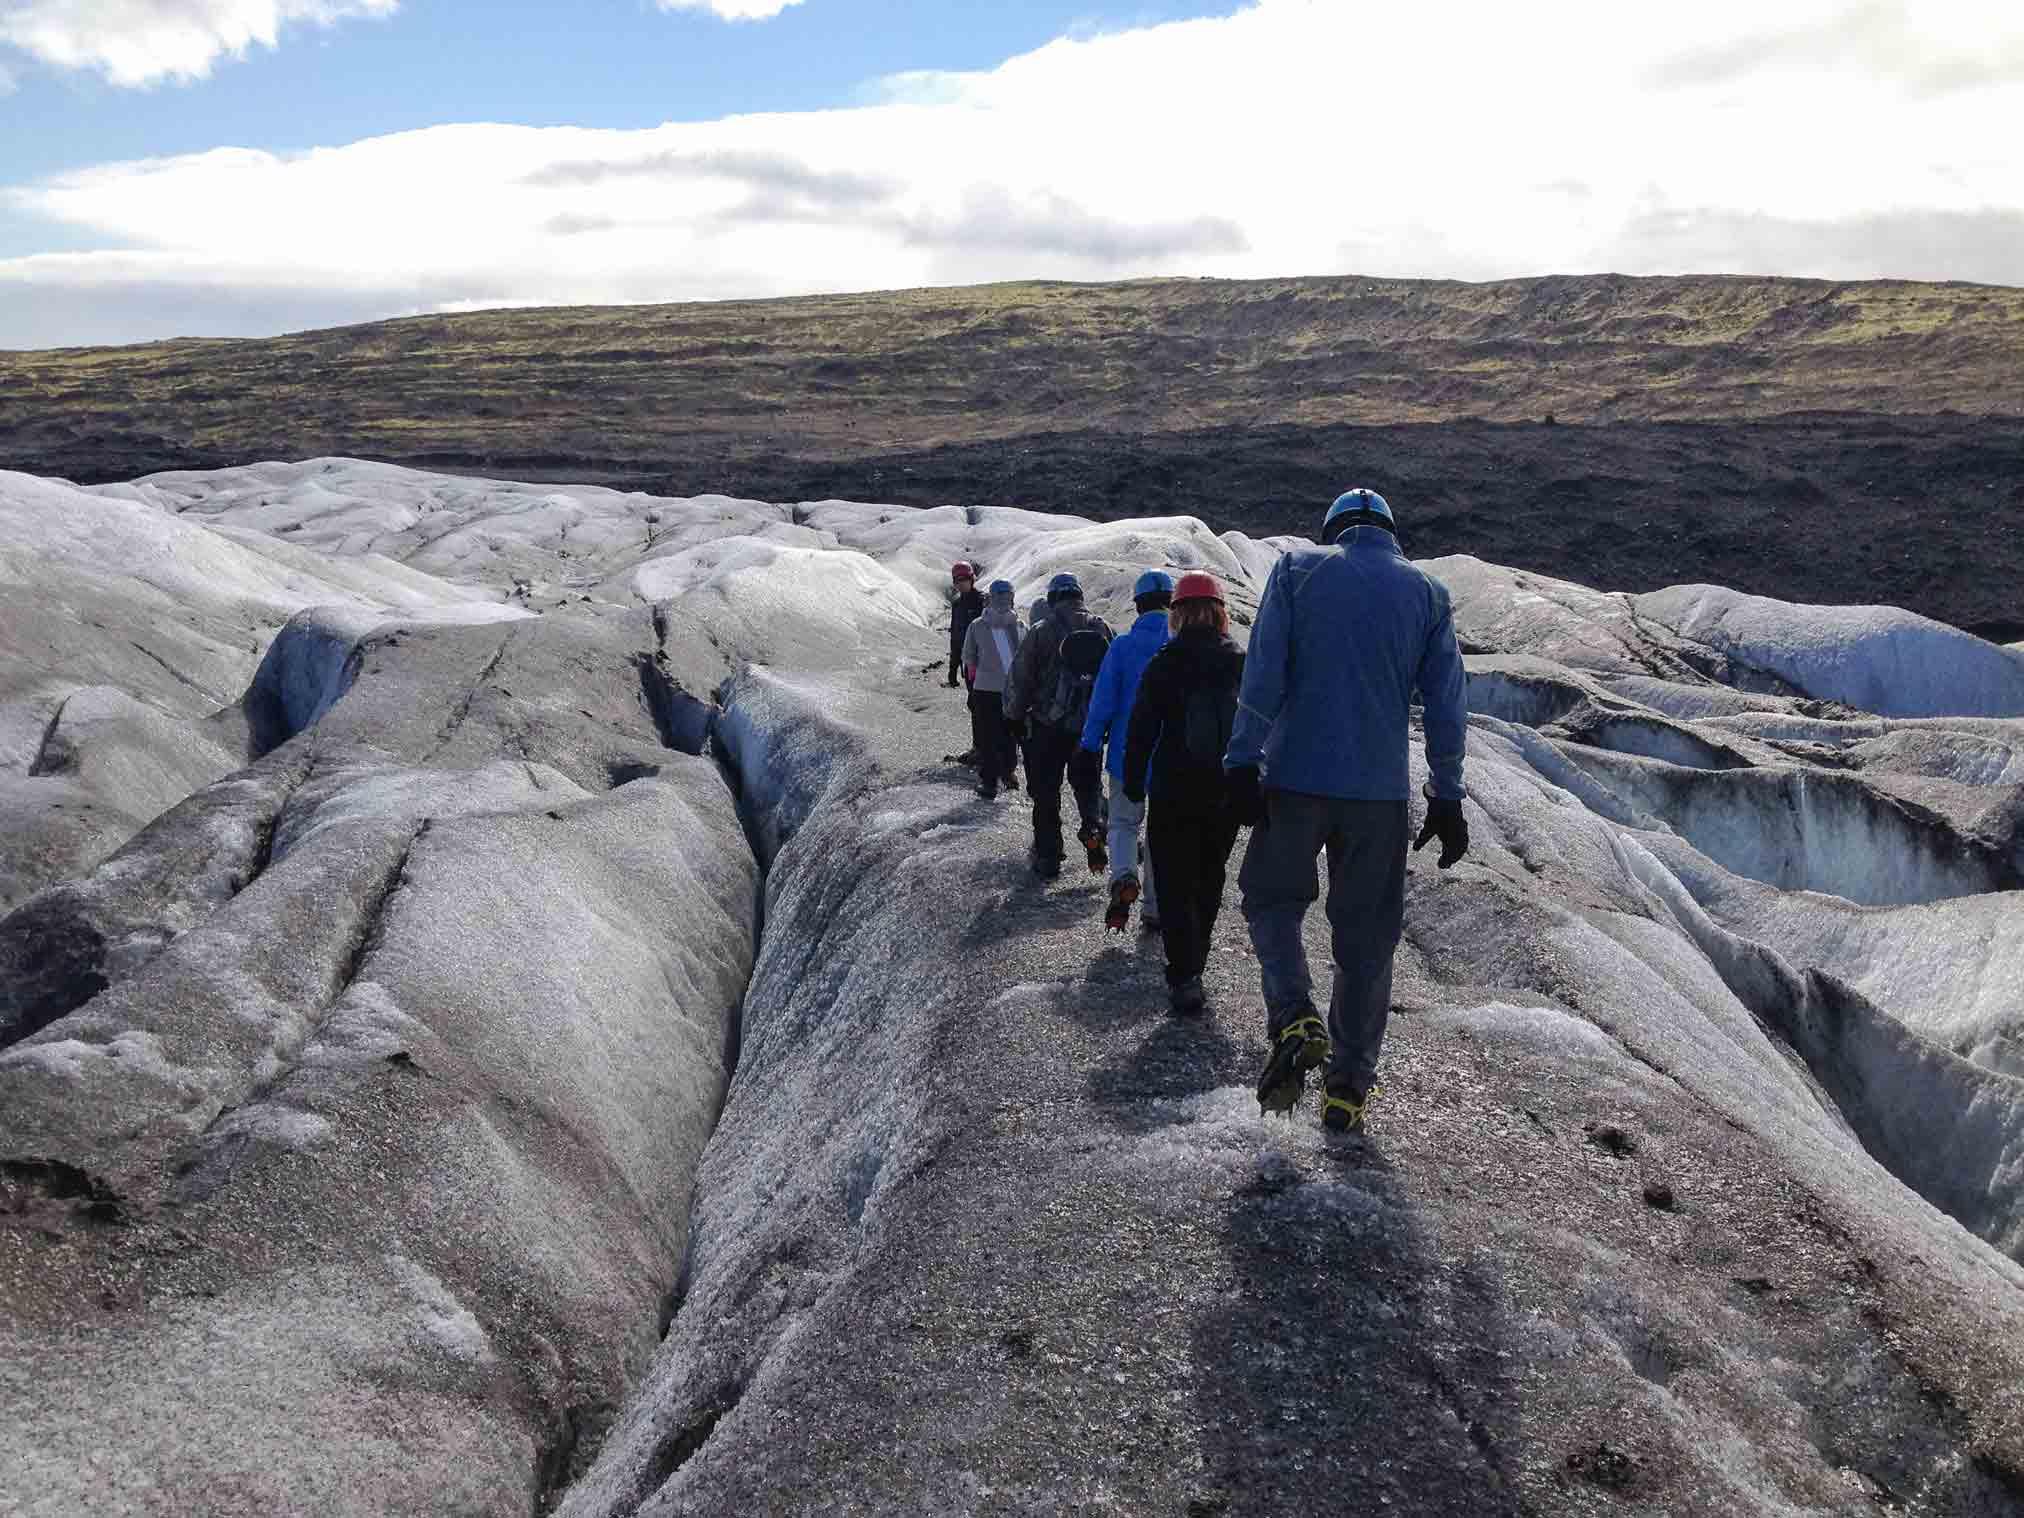 Excursión con crampones por el Vatnajökull. Gran día con un tiempo precioso para descubrir la inmensidad de este glaciar. Categoría: Foto con más espíritu de exploración